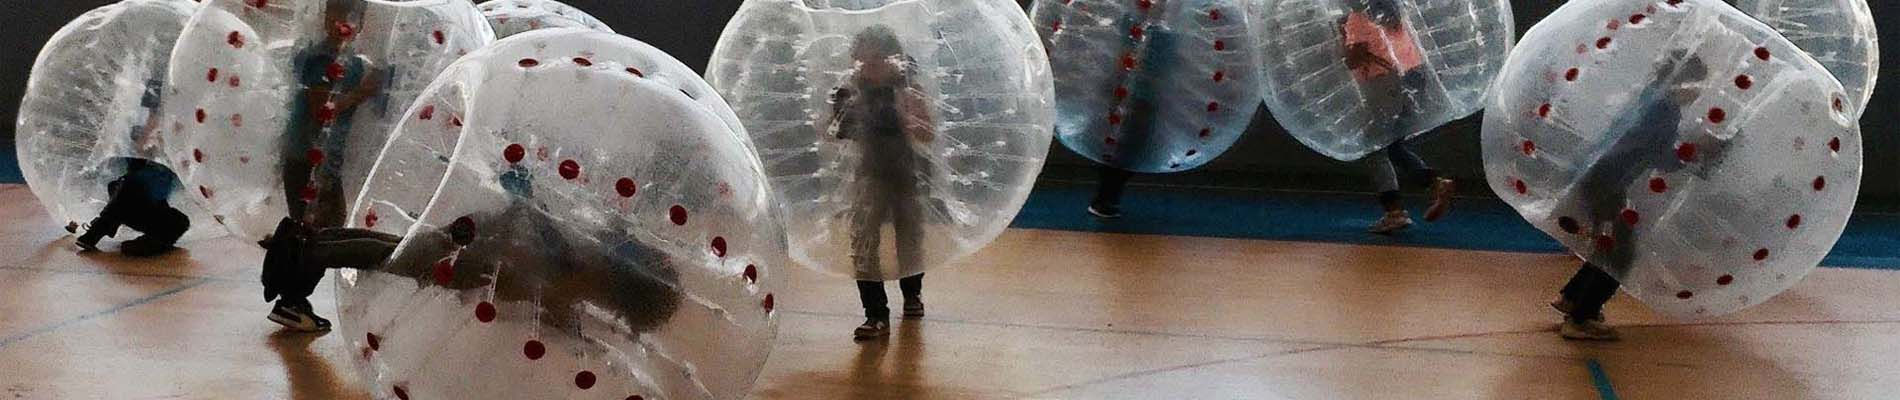 Kidsball spécialiste en location jeux gonflables